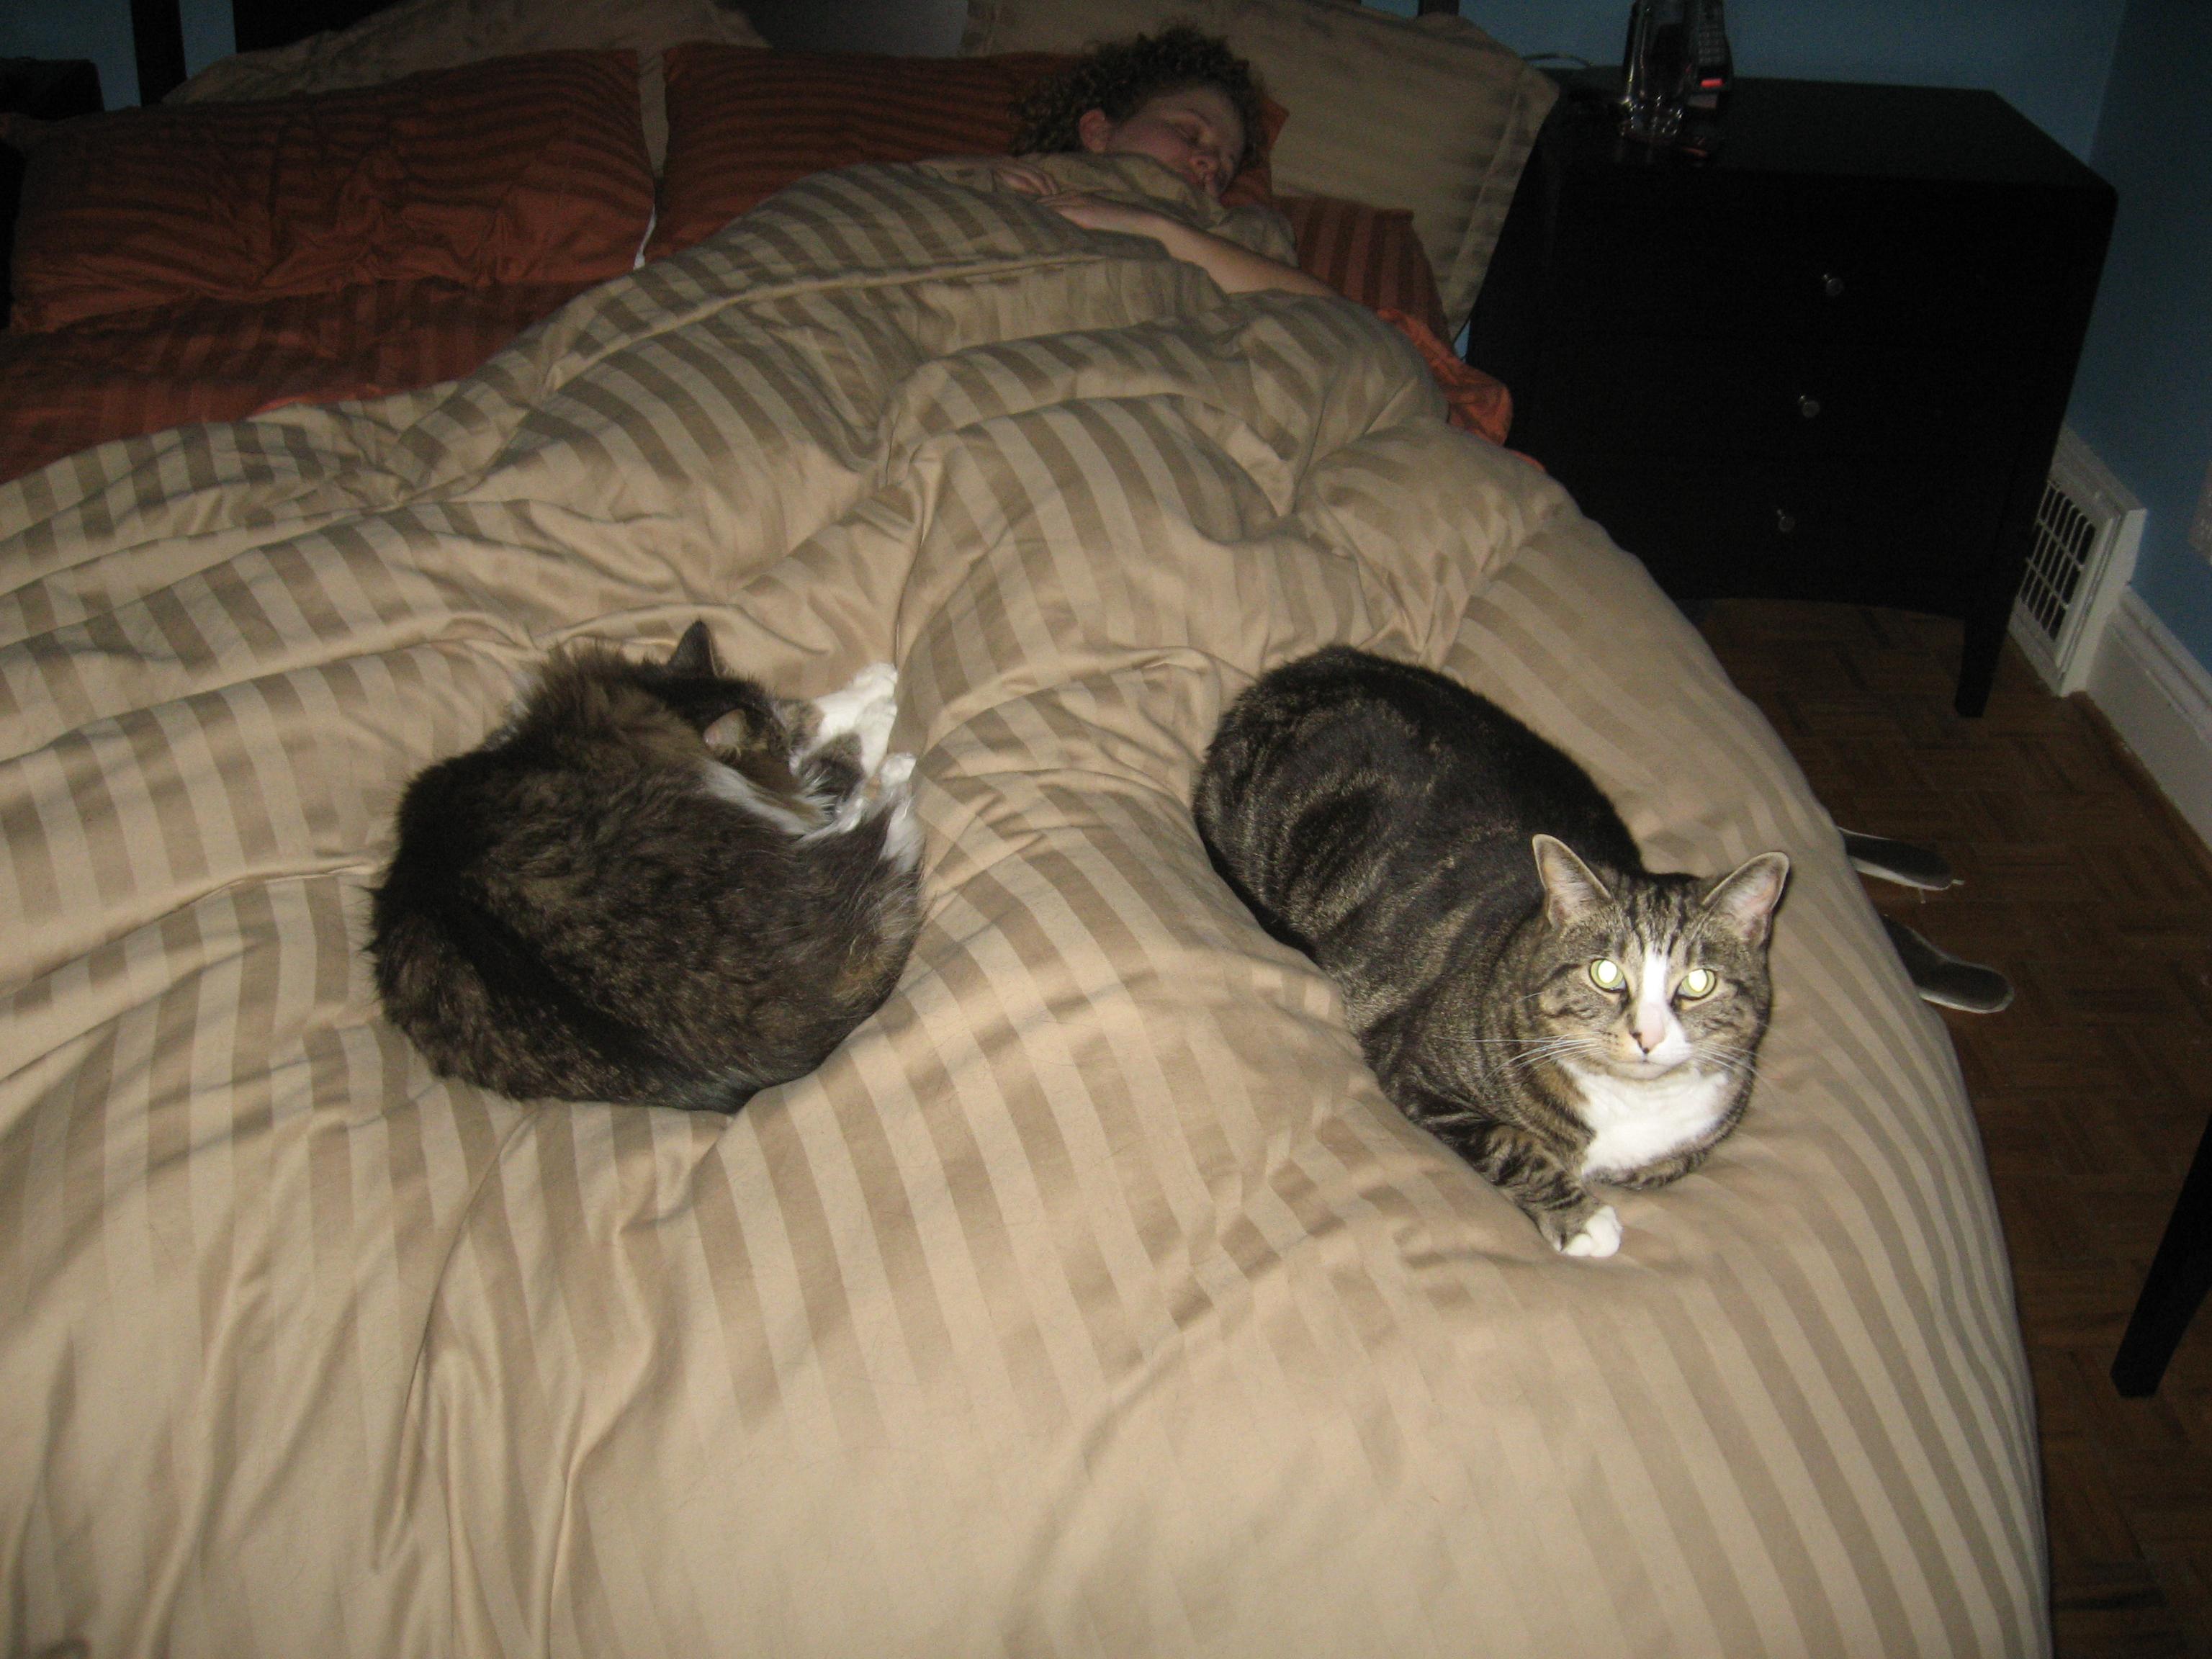 Kitties in my bed!